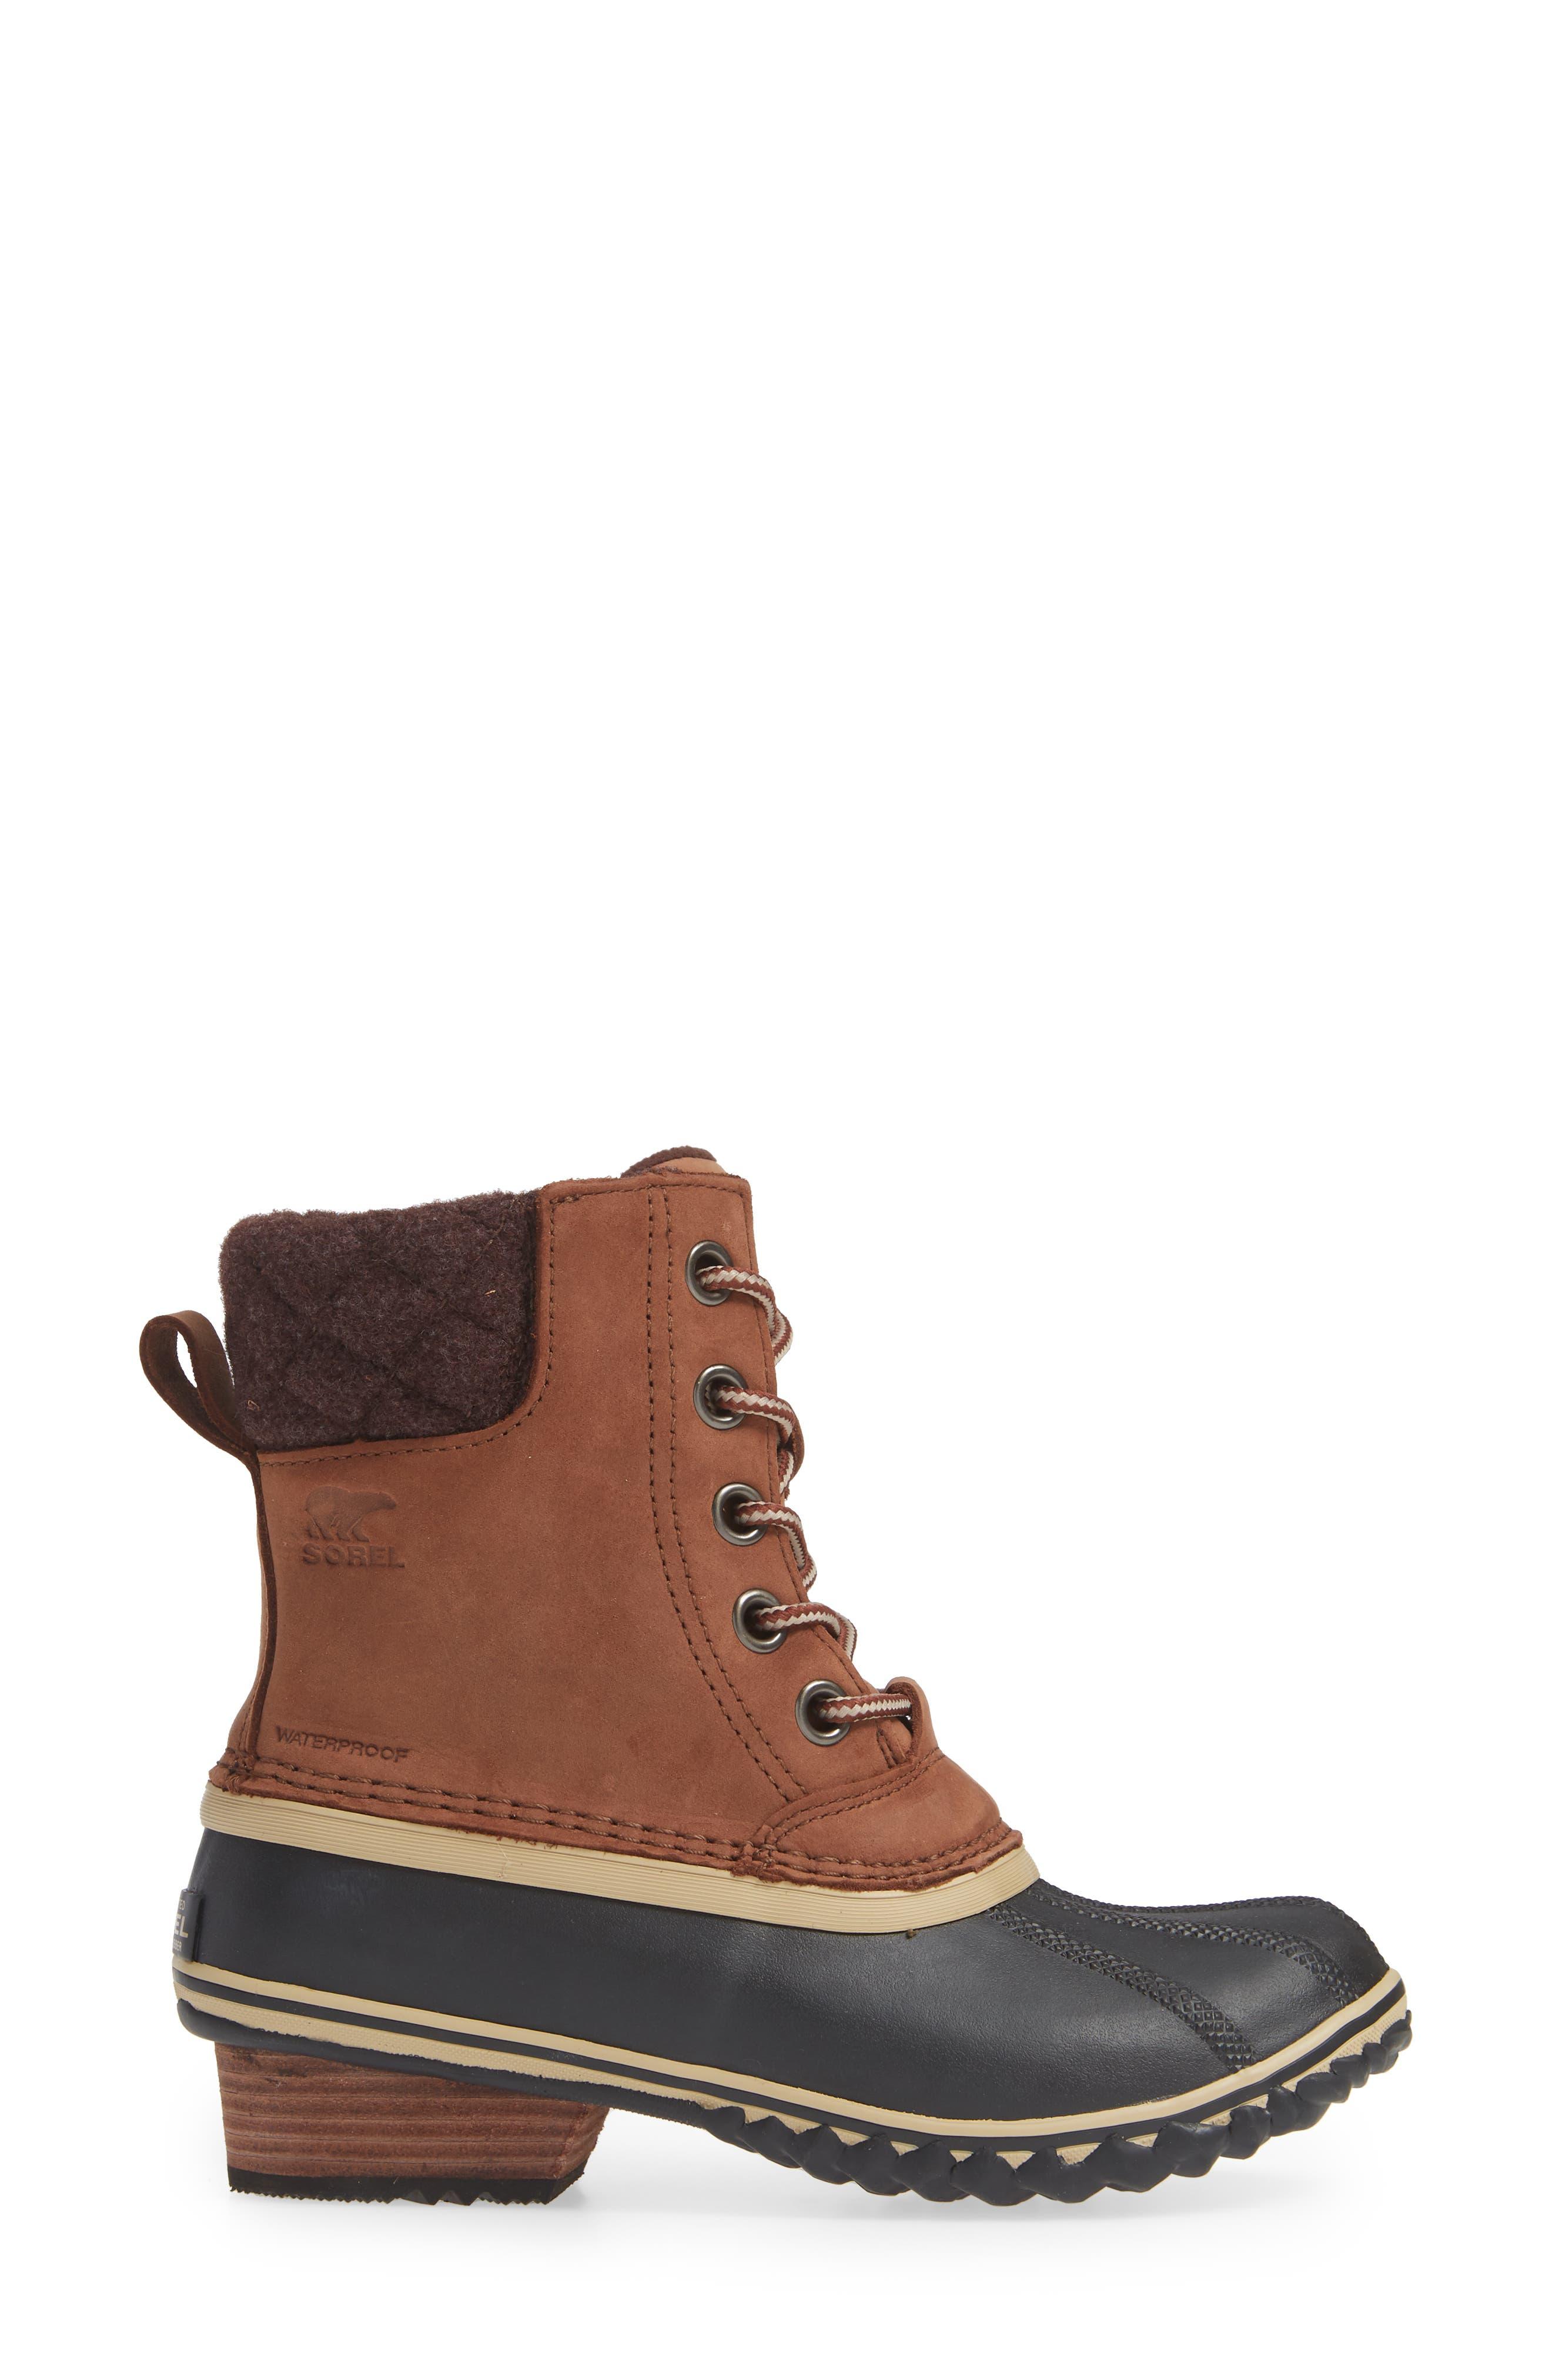 Slimpack II Waterproof Boot,                             Alternate thumbnail 3, color,                             BURRO/ CATTAIL